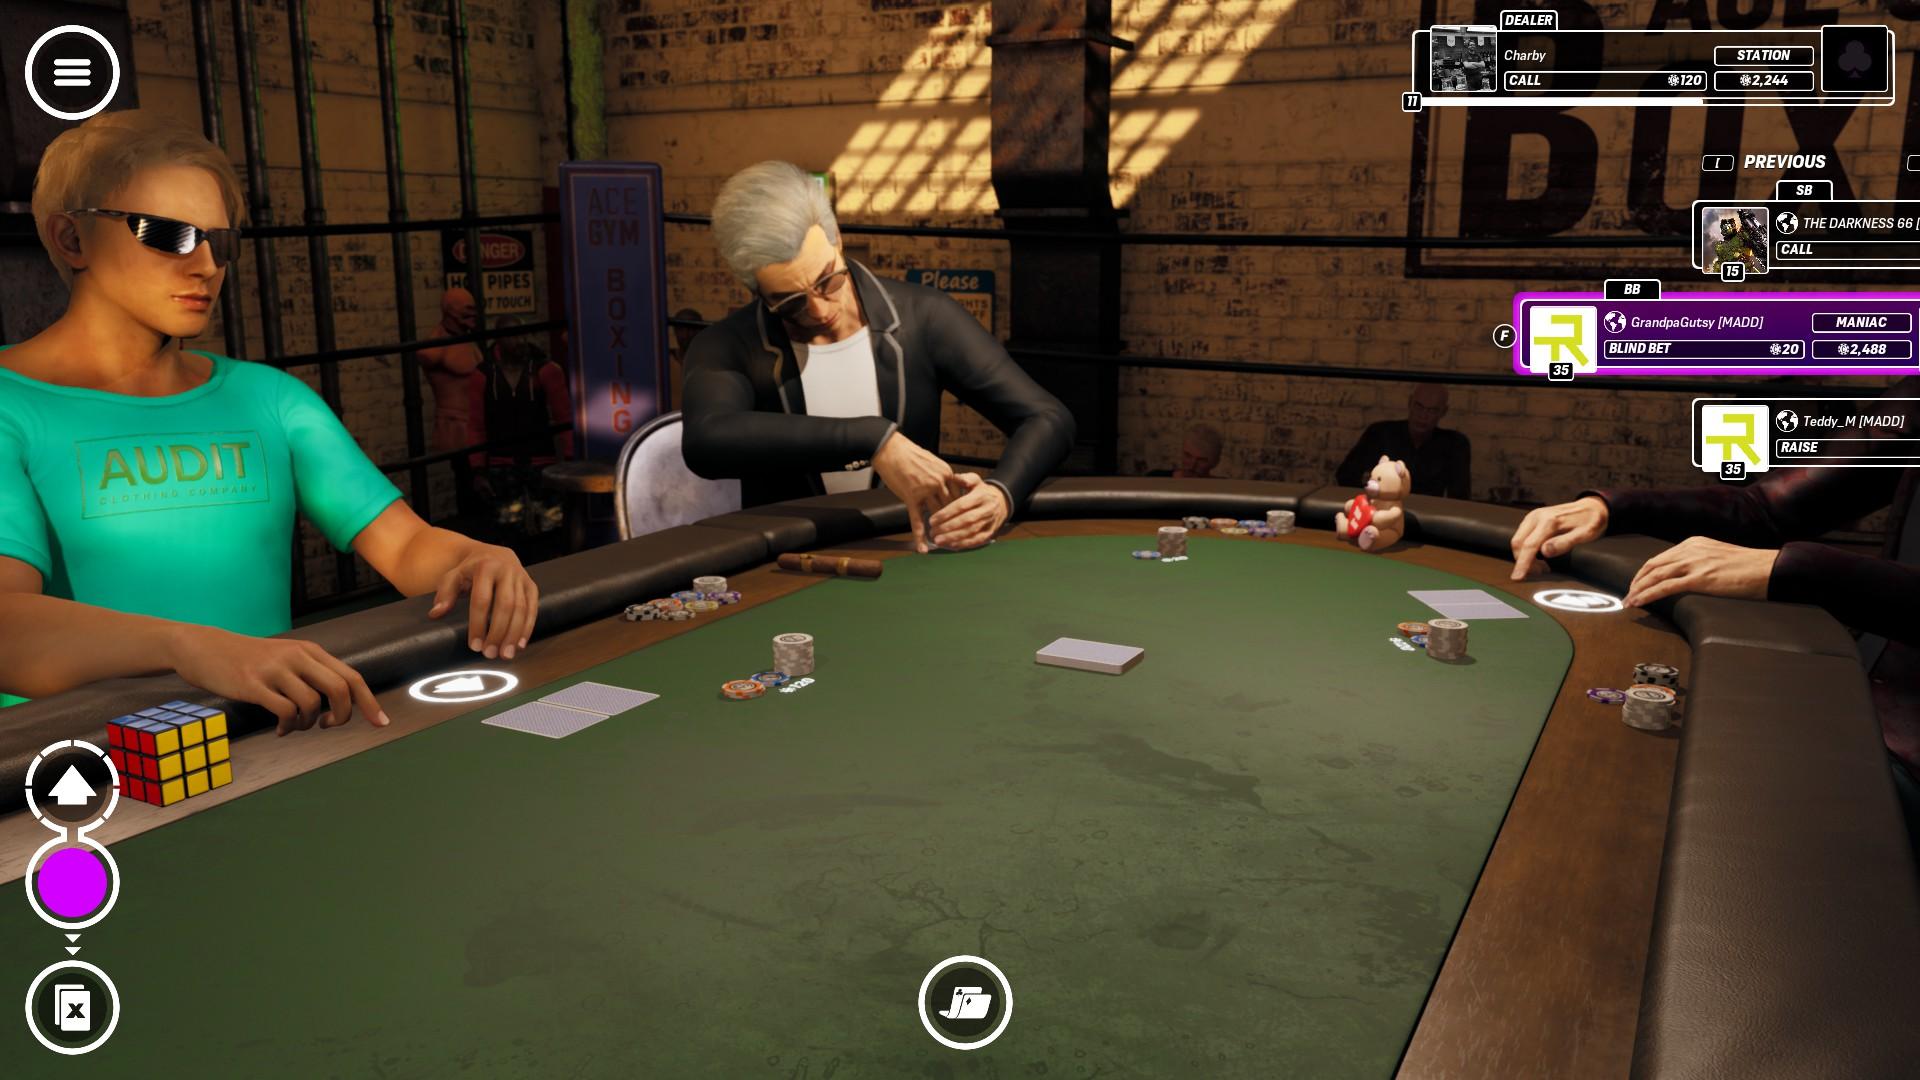 Plusieurs lieux sont disponibles au sein de Poker Club.